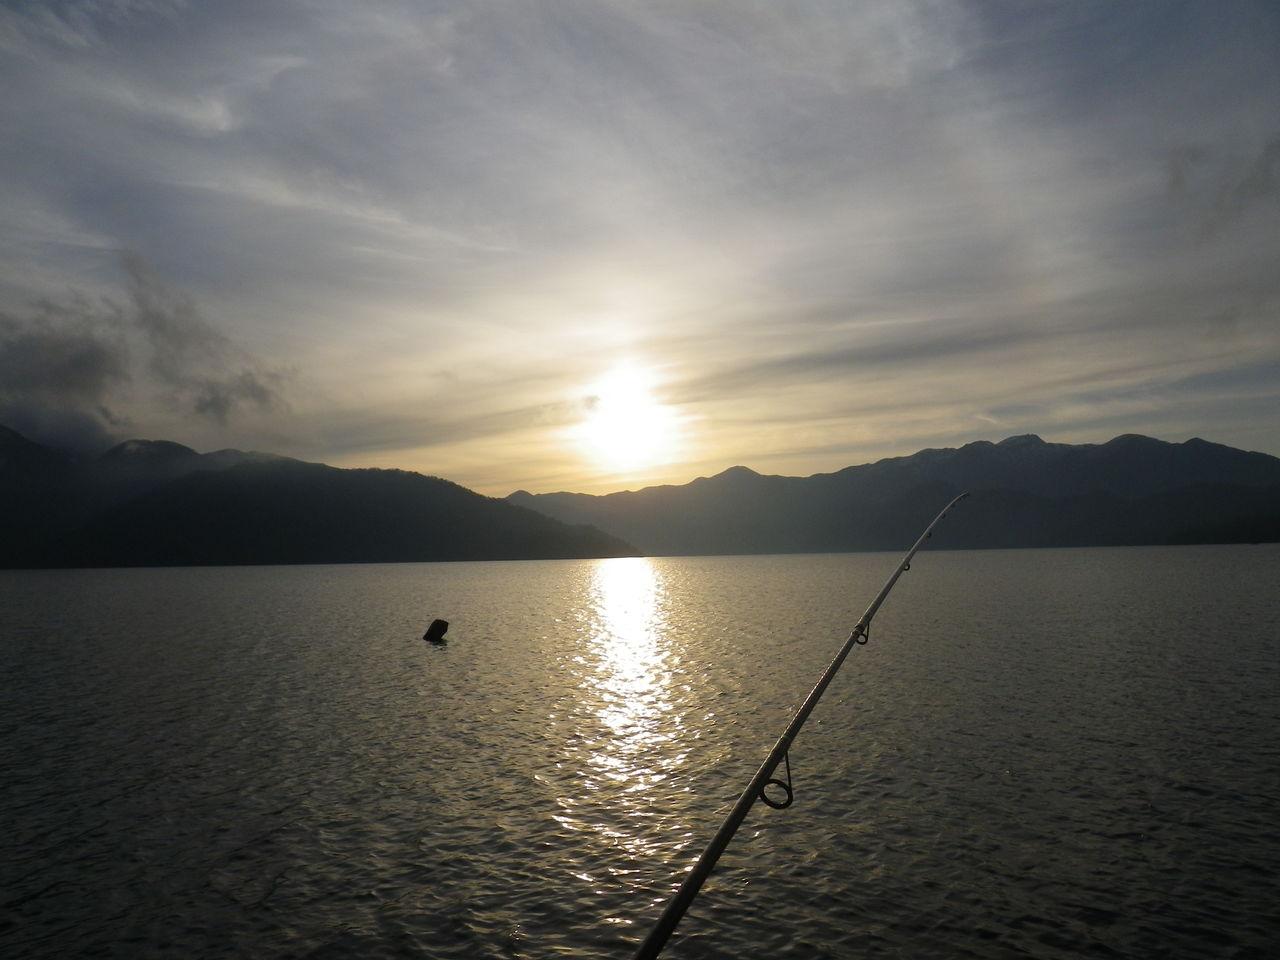 NONBIRI釣りとかやってます2014中禅寺湖釣行 vol.3コメントトラックバック                Bamboo